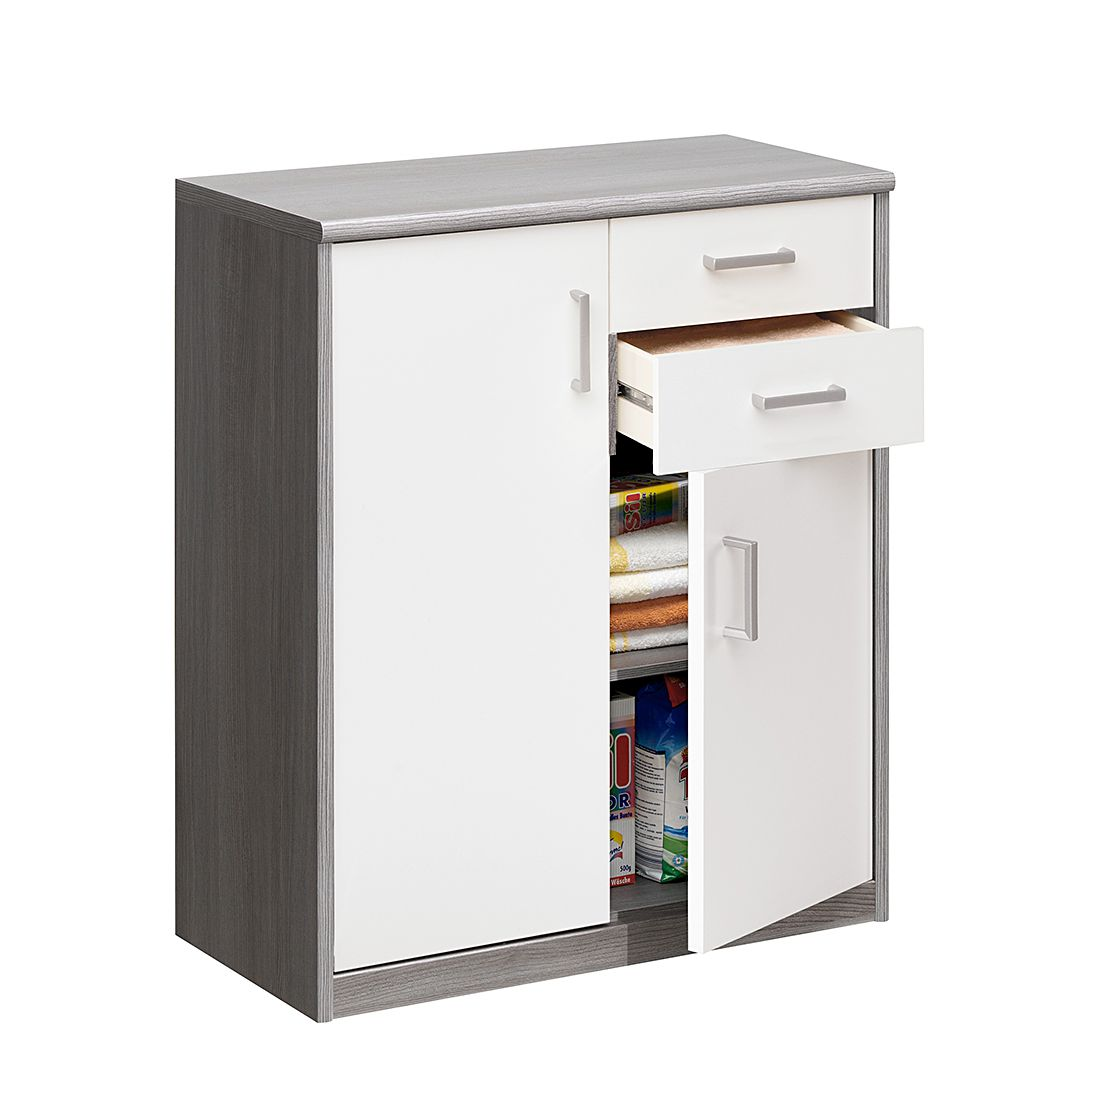 Kommode Soft Plus Ii Silbereiche Dekor Hochglanz Weiss Schrank